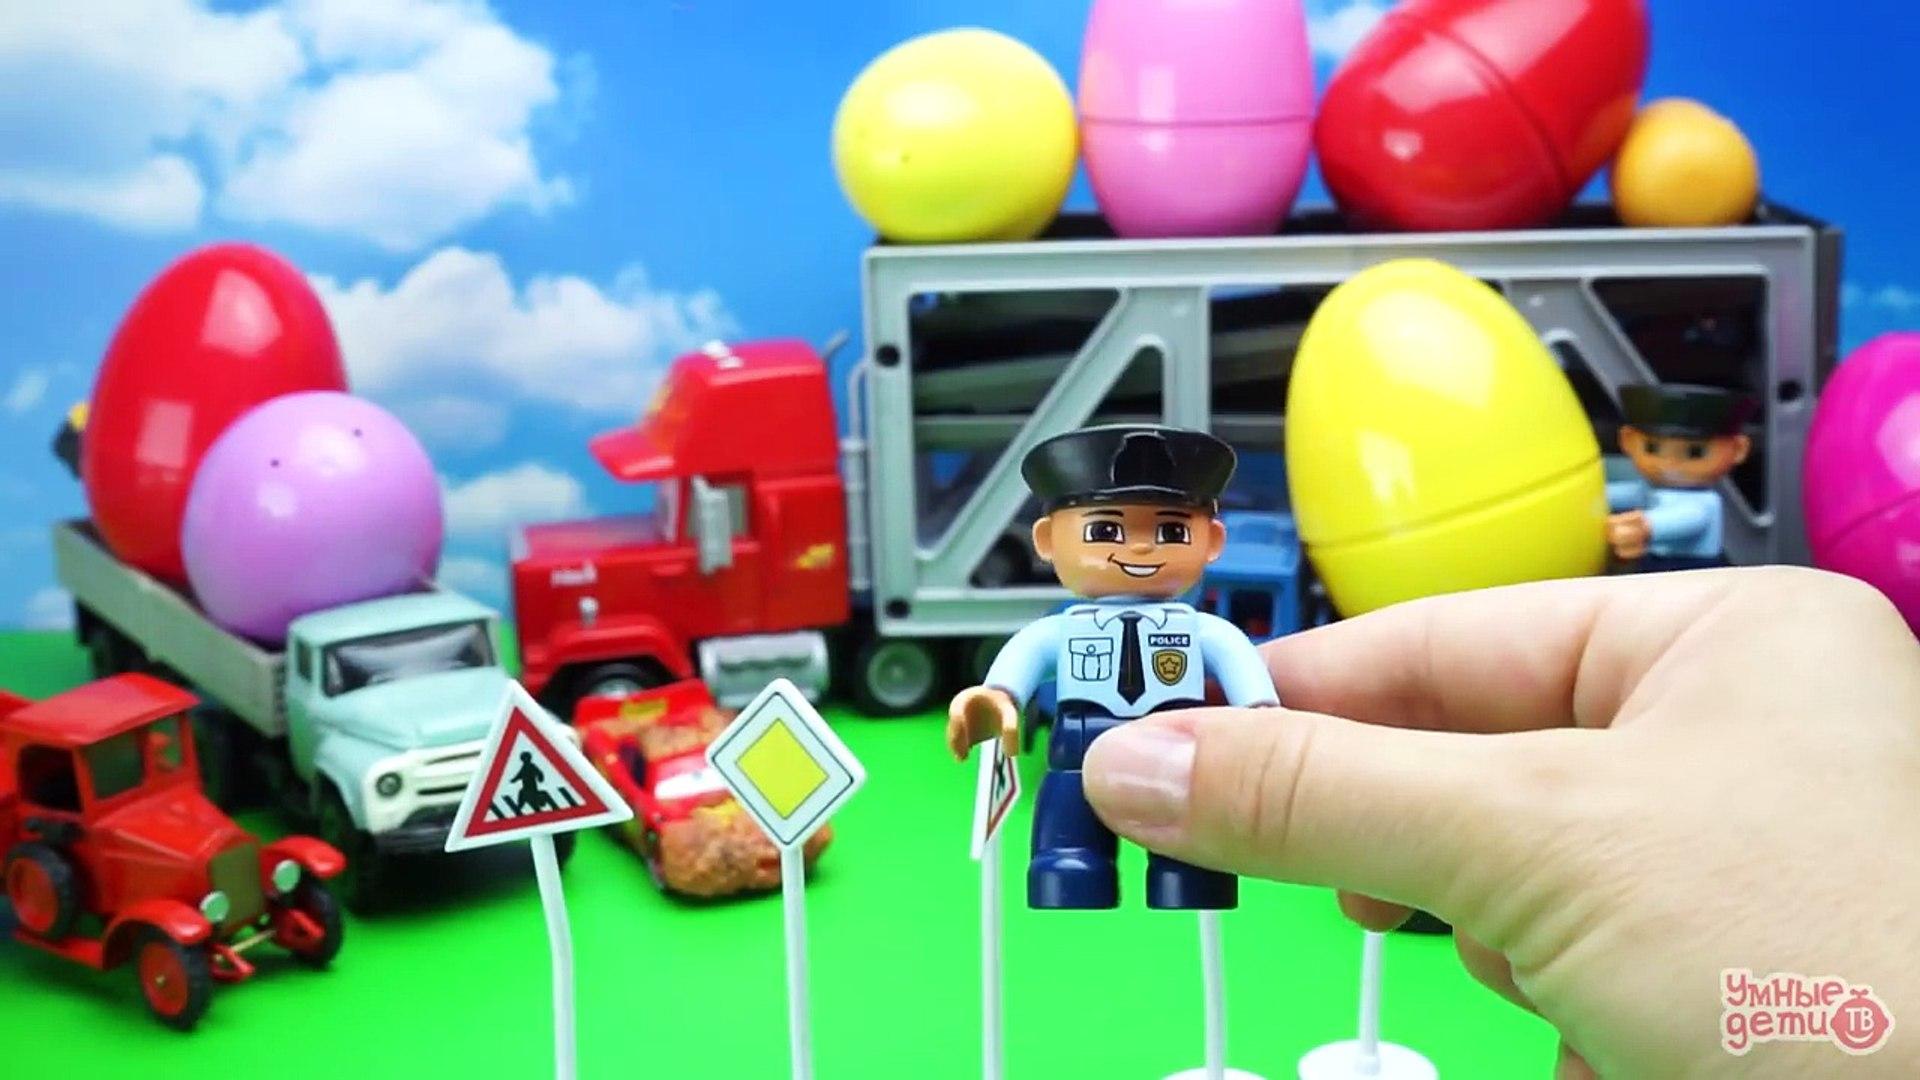 Много сюрпризов с машинками. Яйца с сюрпризом. Транспортировщик Mack и грузовики. Машинки для детей